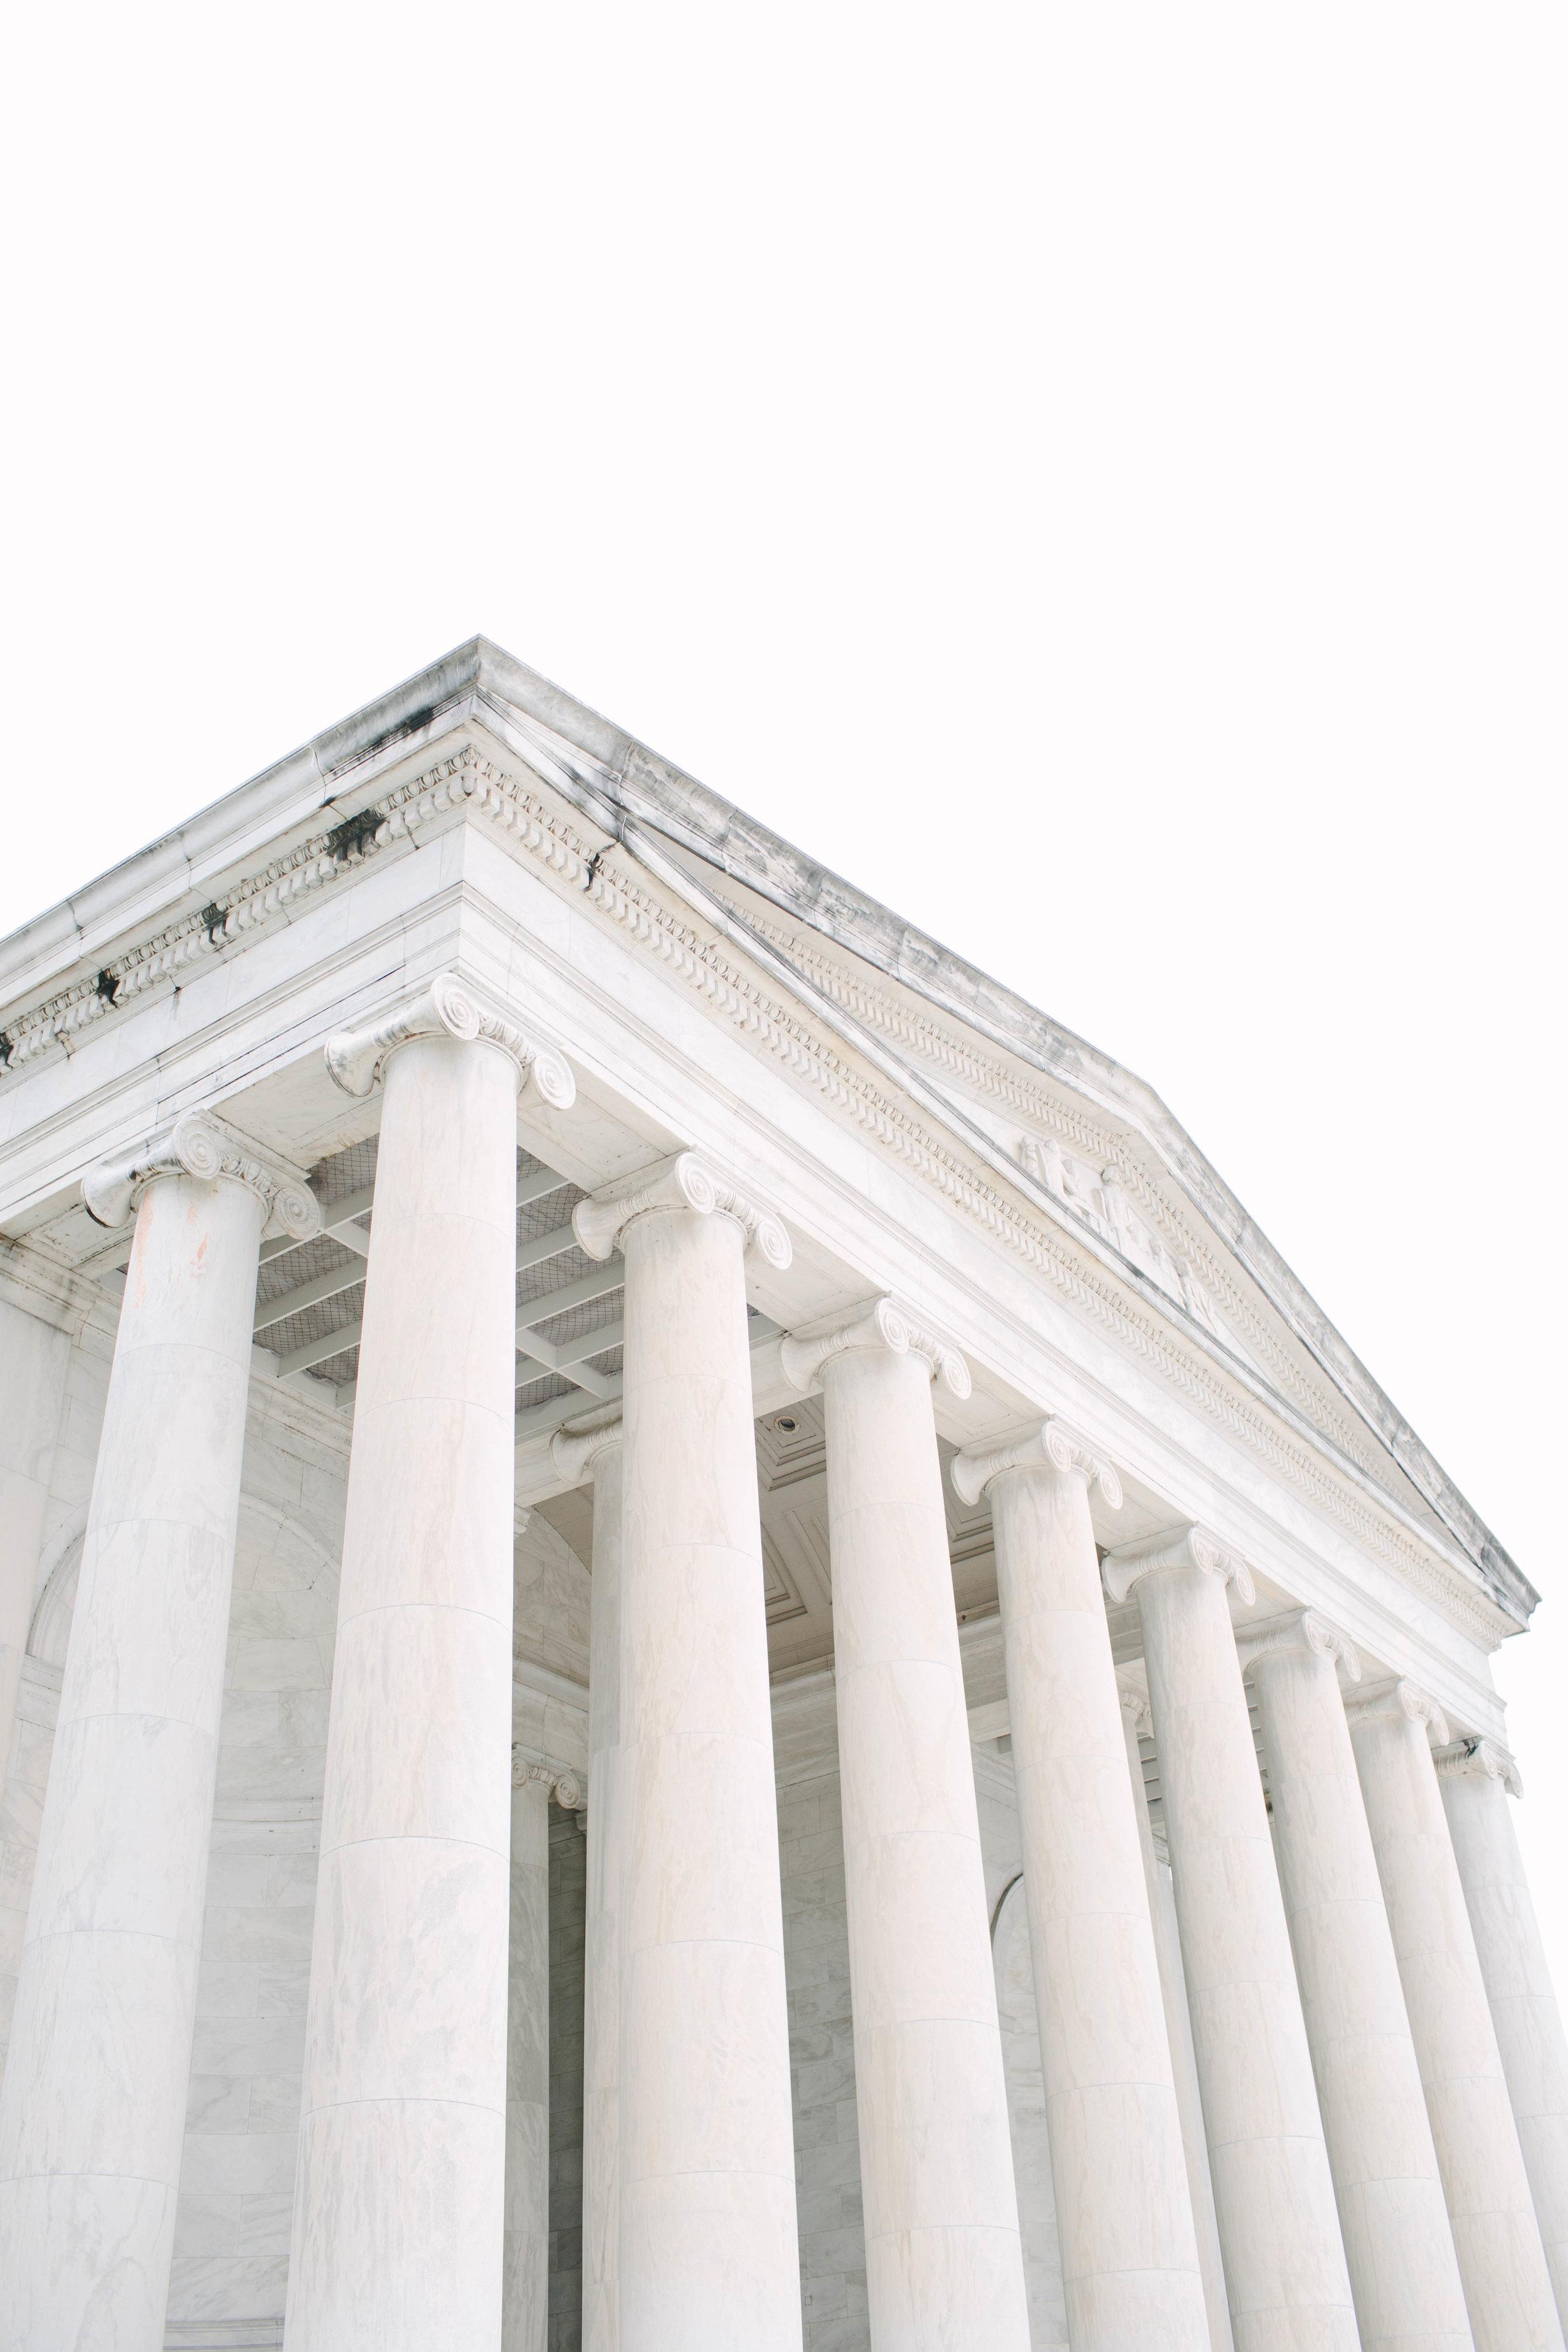 Jeffersonmemorial1.jpg